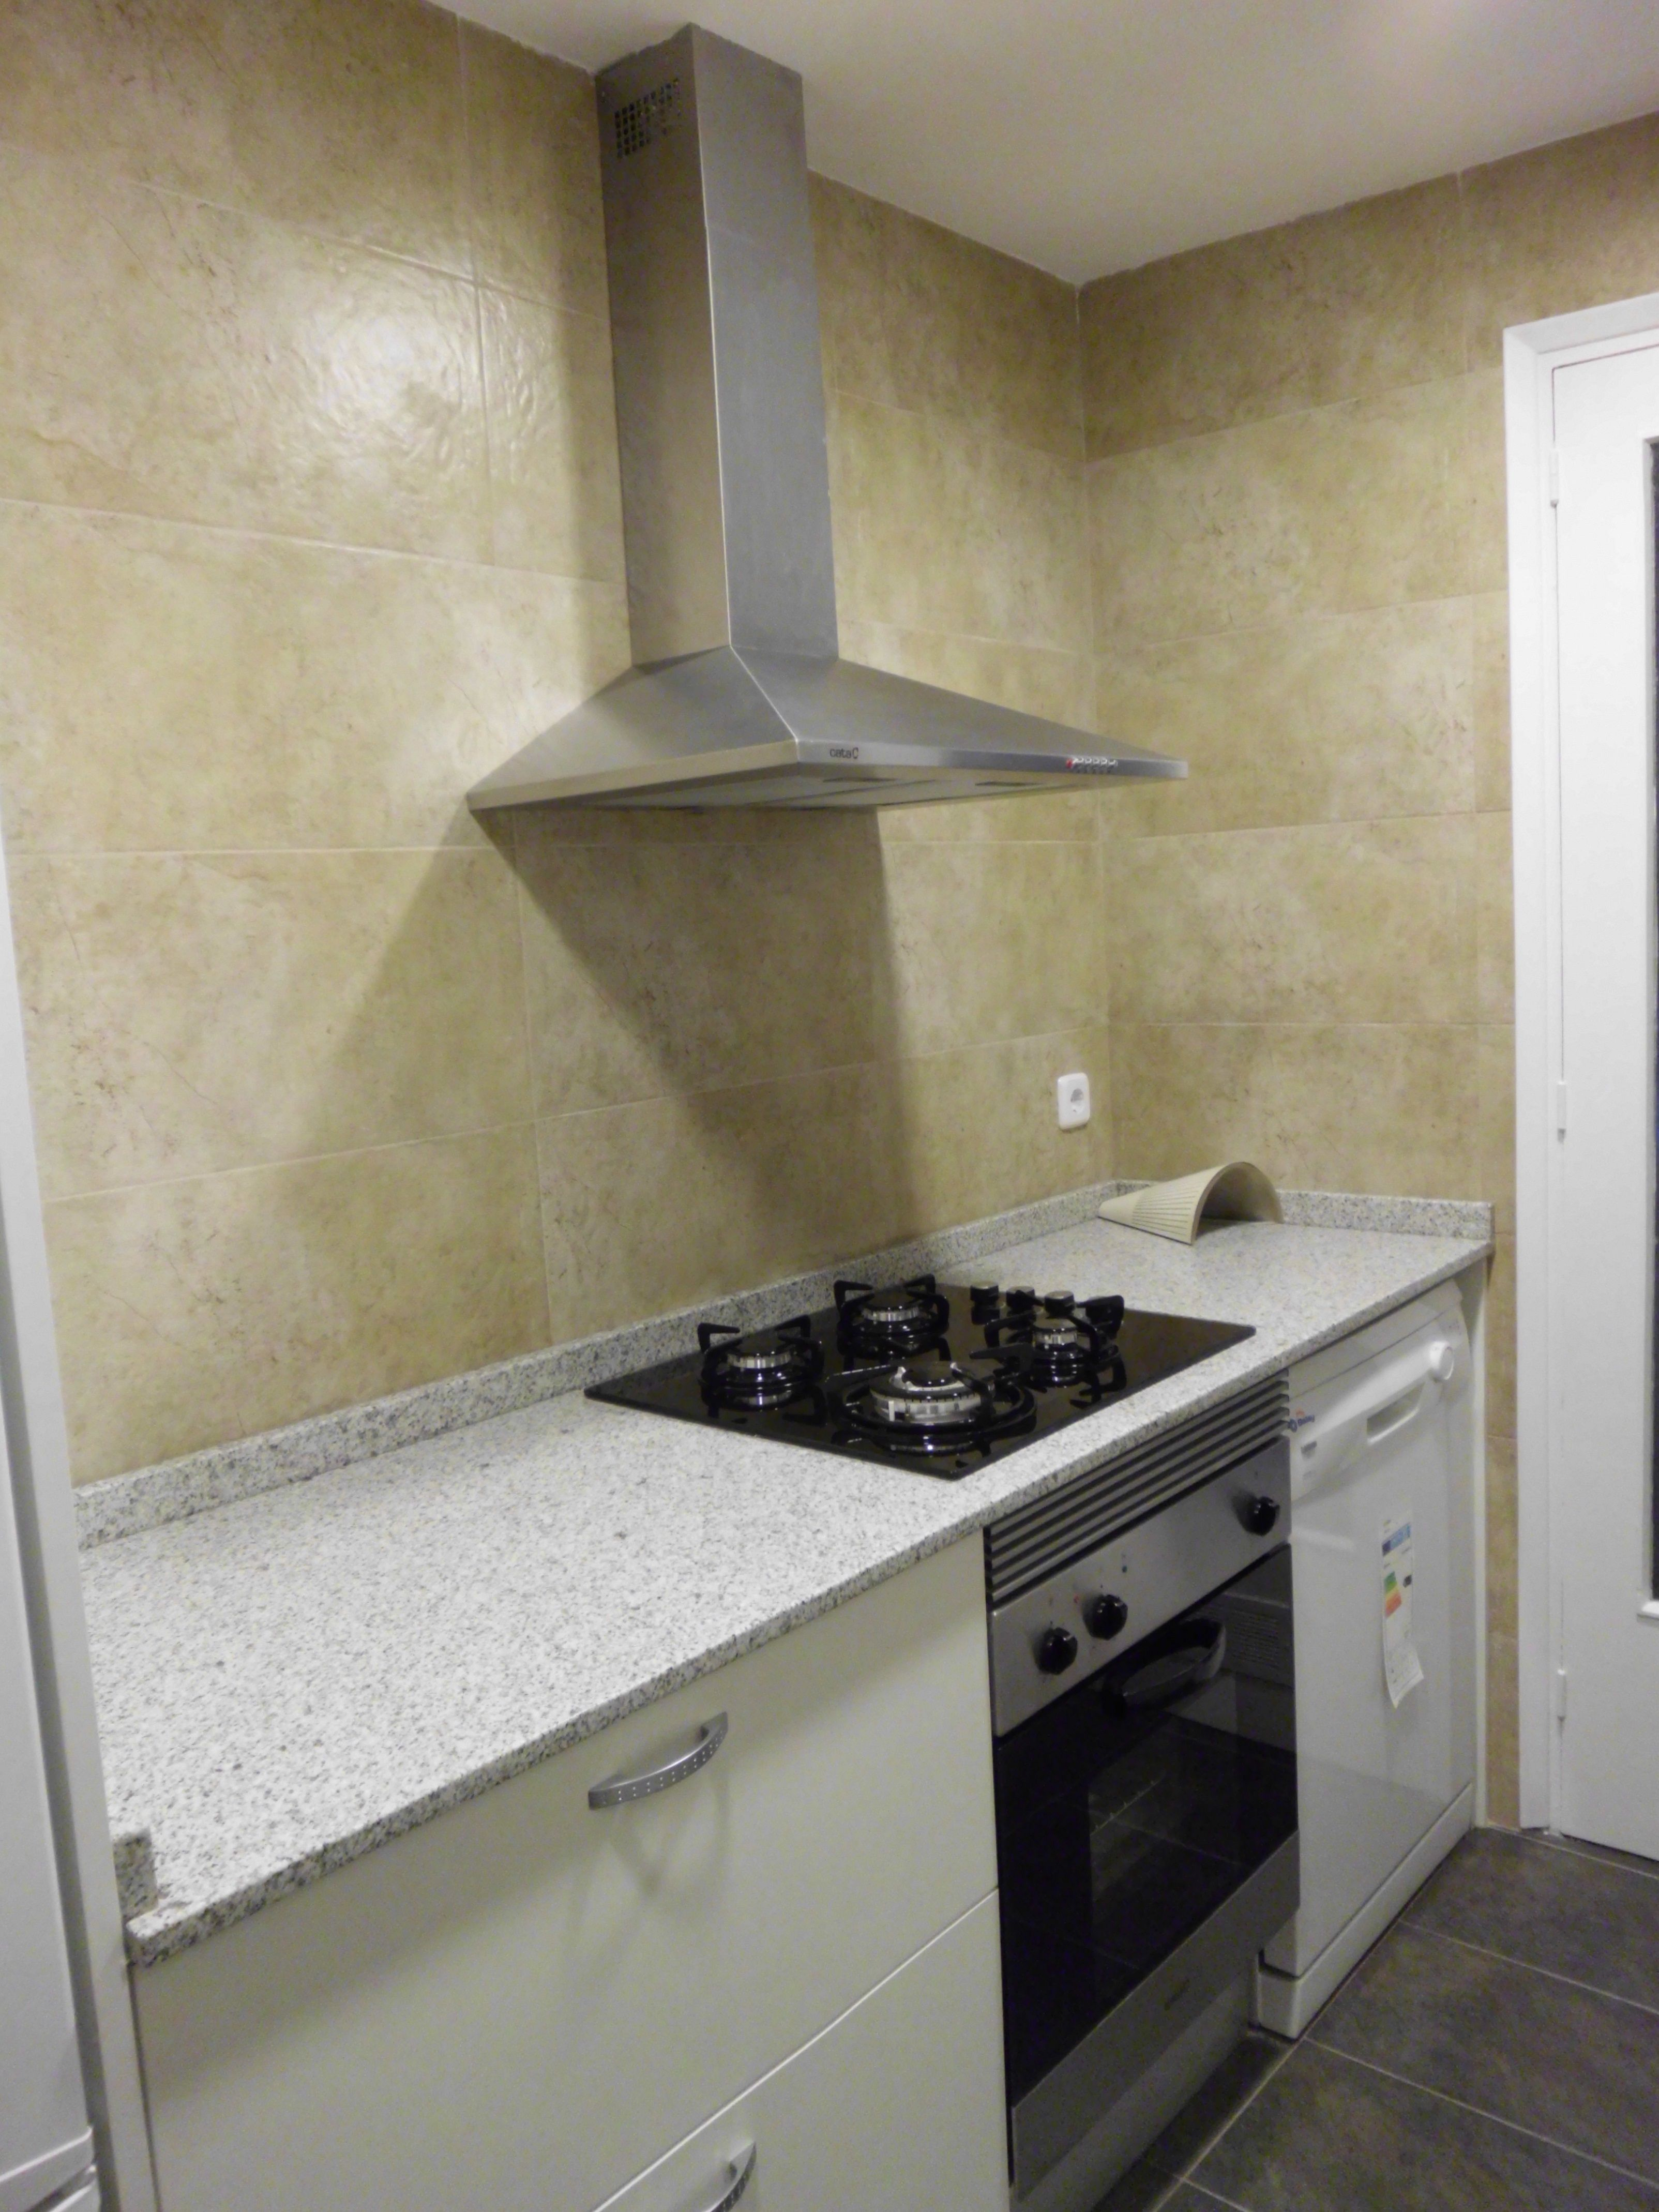 Oferta muebles cocina escavolini servicios y productos de for Easy ofertas muebles de cocina